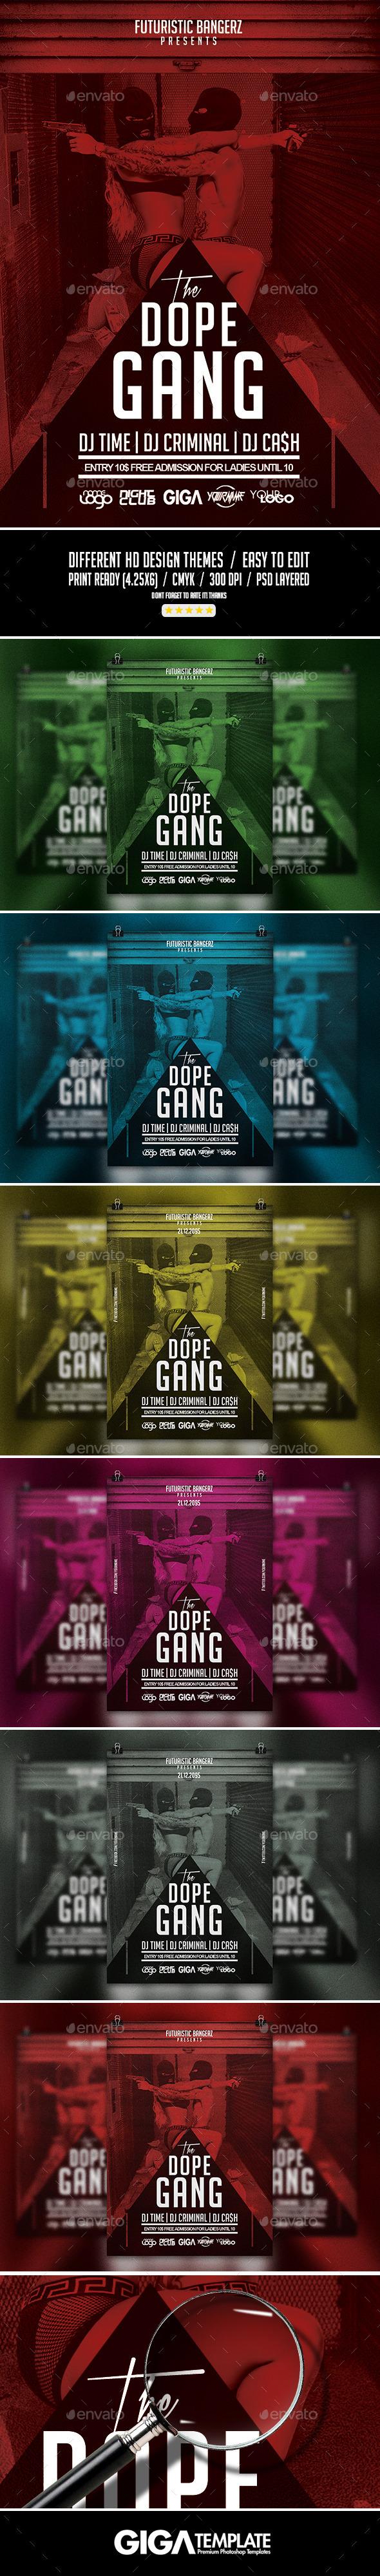 The Dope Gang Hip-Hop Modern Flyer PSD Template